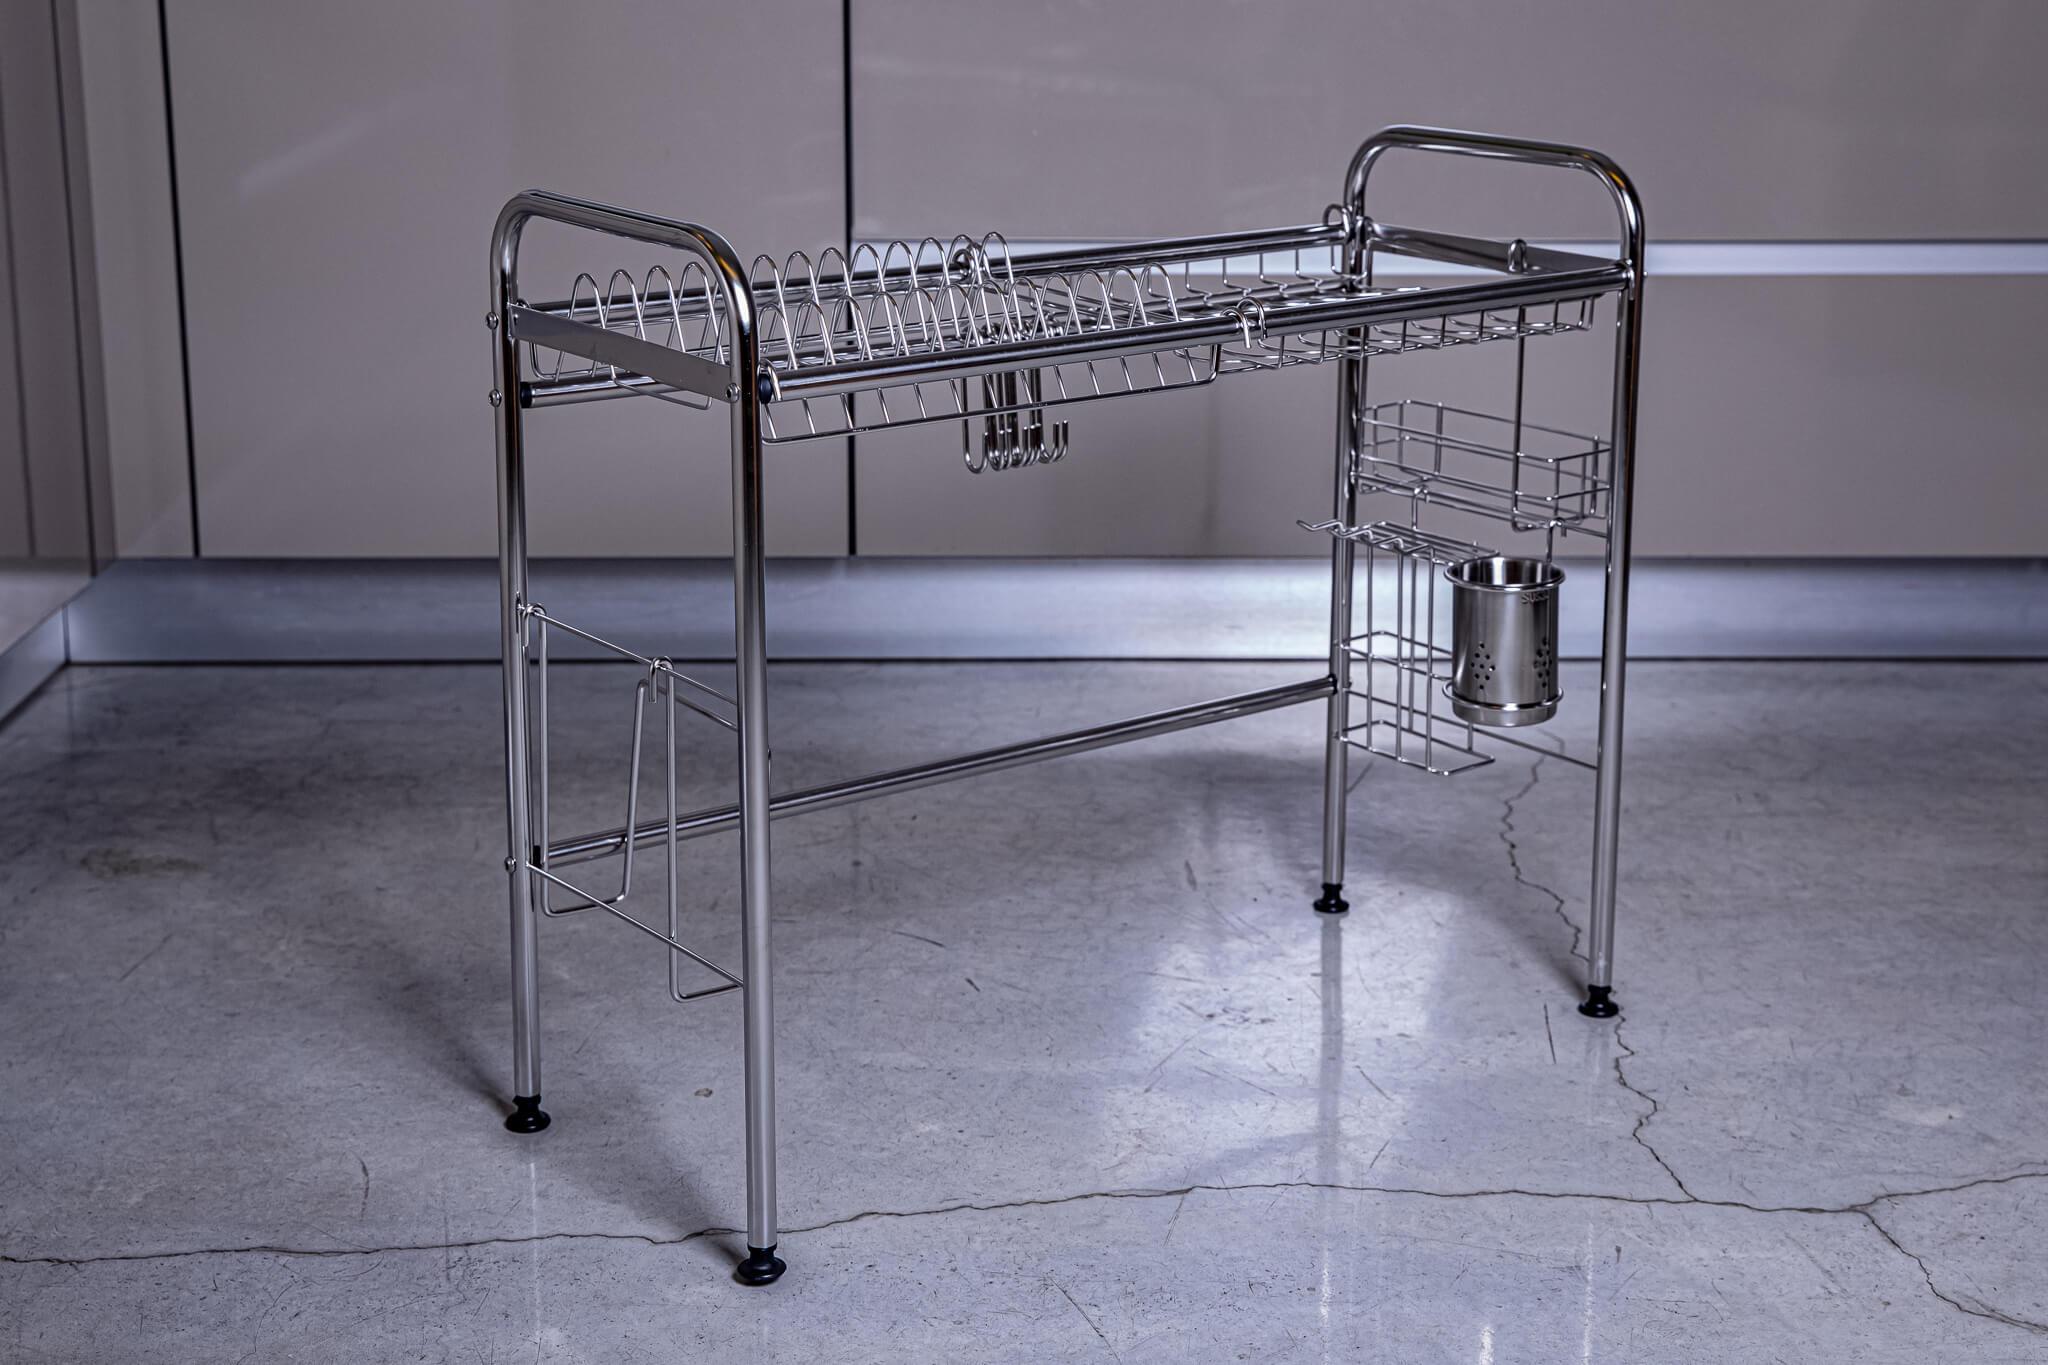 מתקן לייבוש כלים מעל הכיור קומה אחת אורך 108 ס״מ